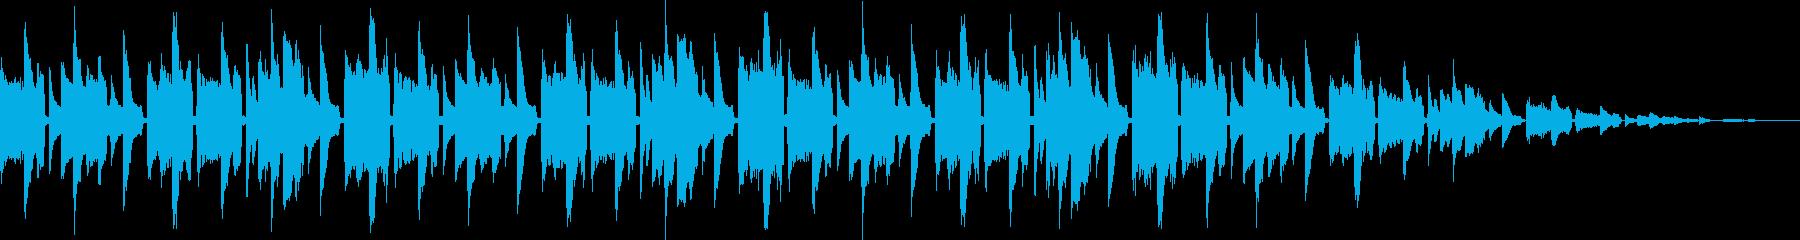 レトロゲーム風BGM(ゲームオーバー)の再生済みの波形